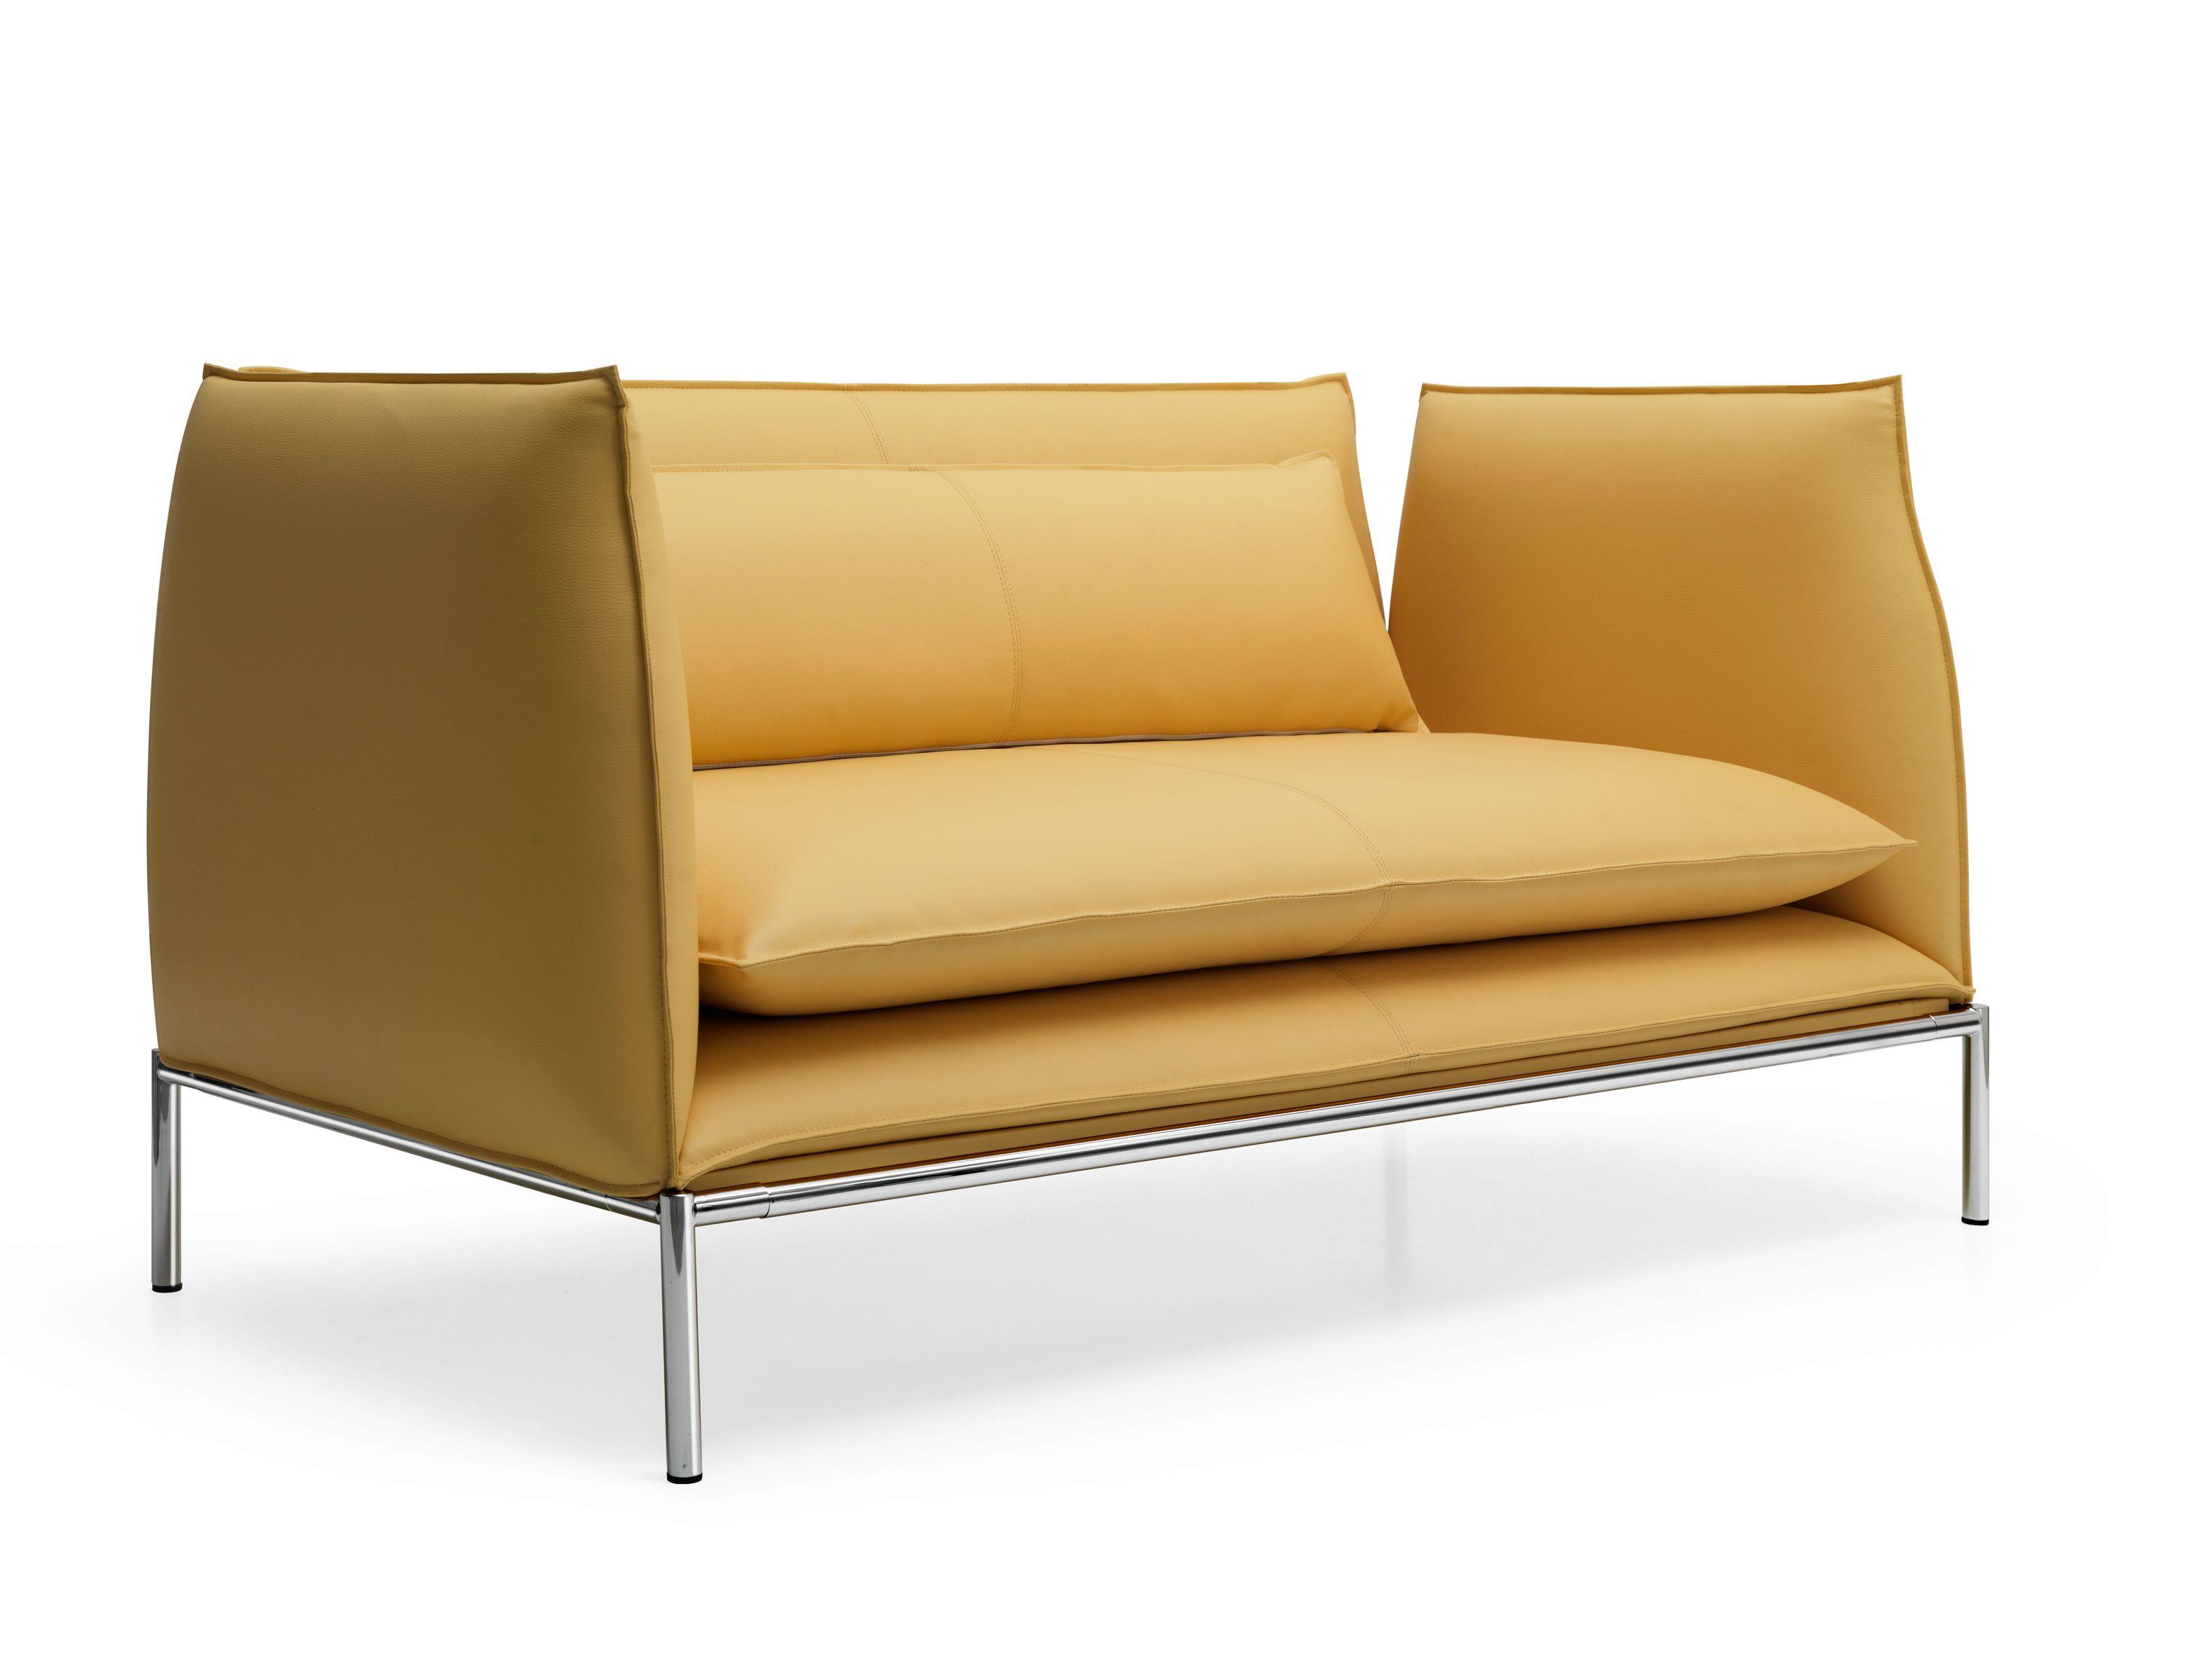 Box sofa box collection by quinti sedute design marco cocco for Box type sofa designs